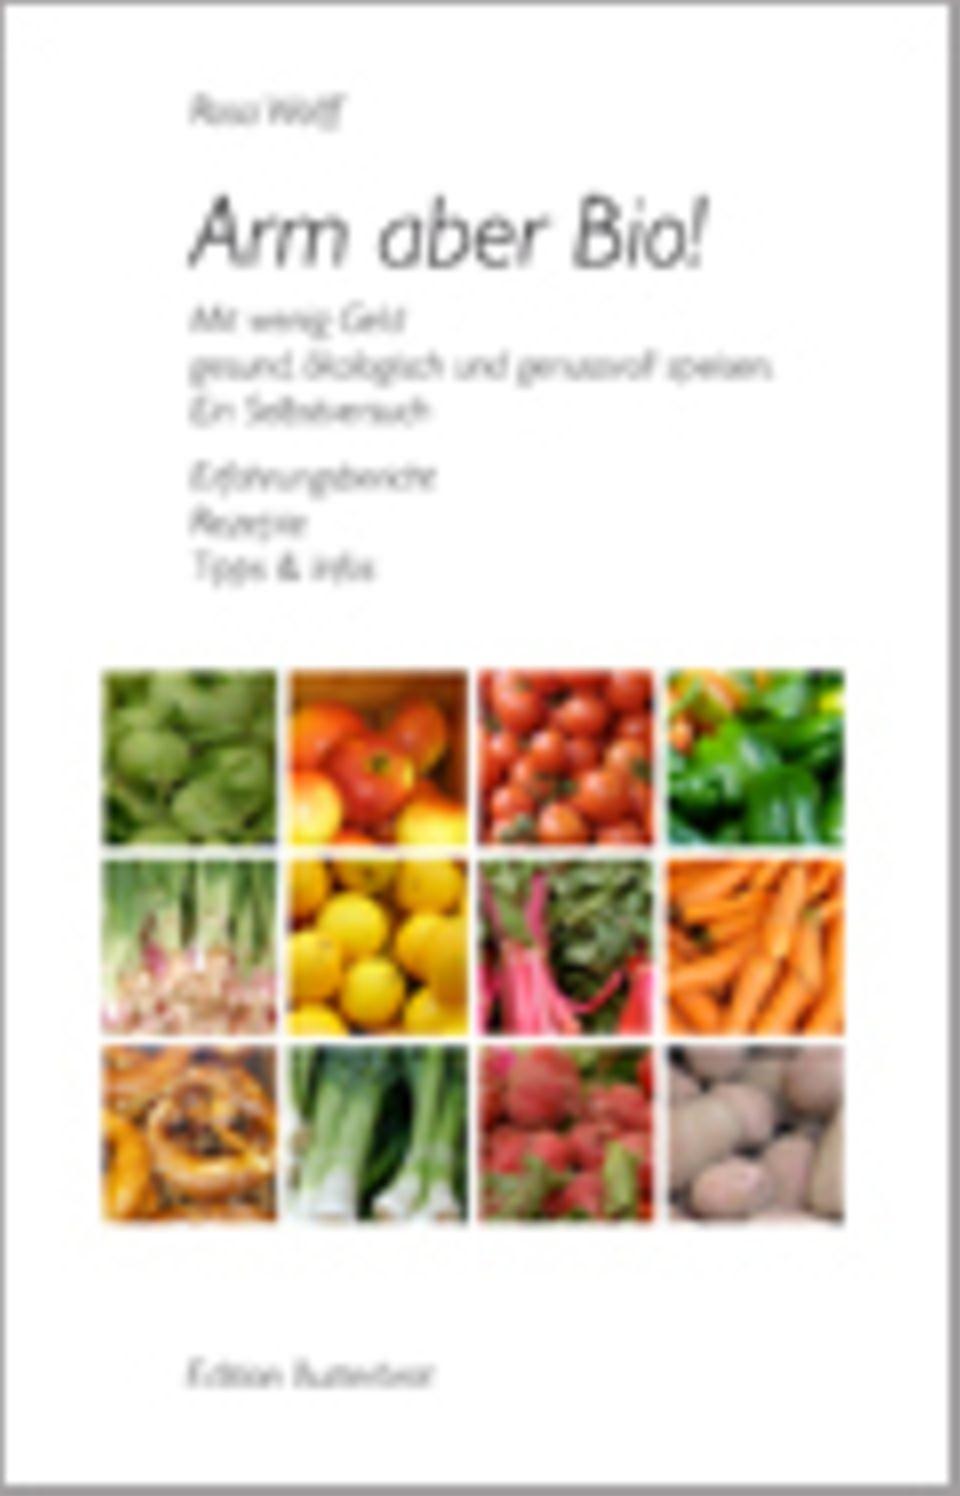 Buchtipp: Arm aber Bio! Mit wenig Geld gesund, ökologisch und genussvoll speisen. Ein Selbstversuch. www.arm-aber-bio.de